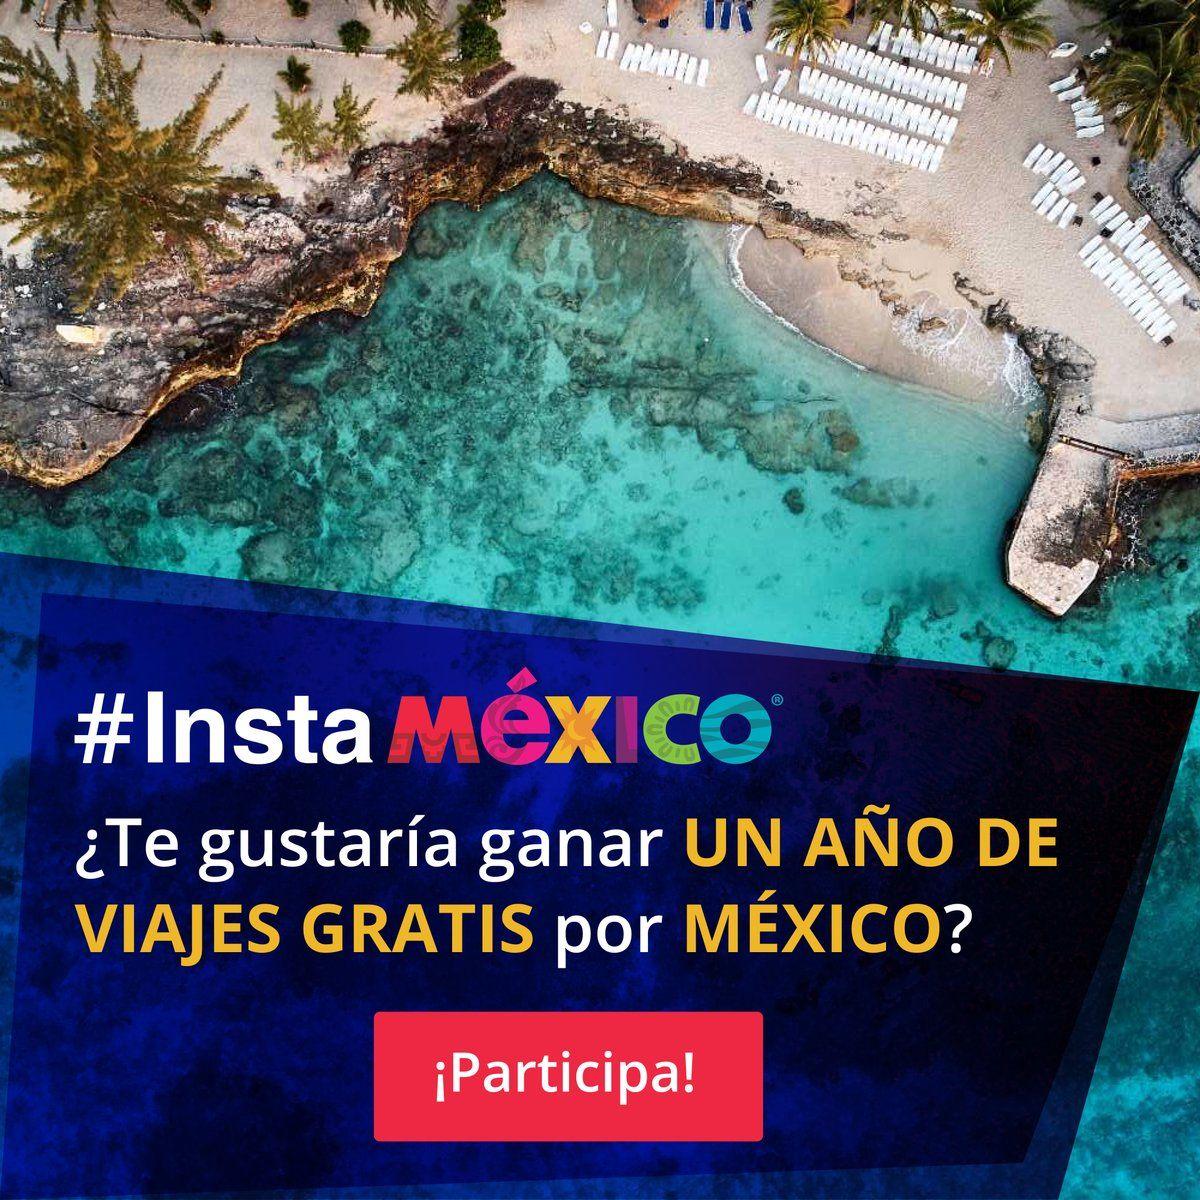 Foto del Instagram de VisitMexico